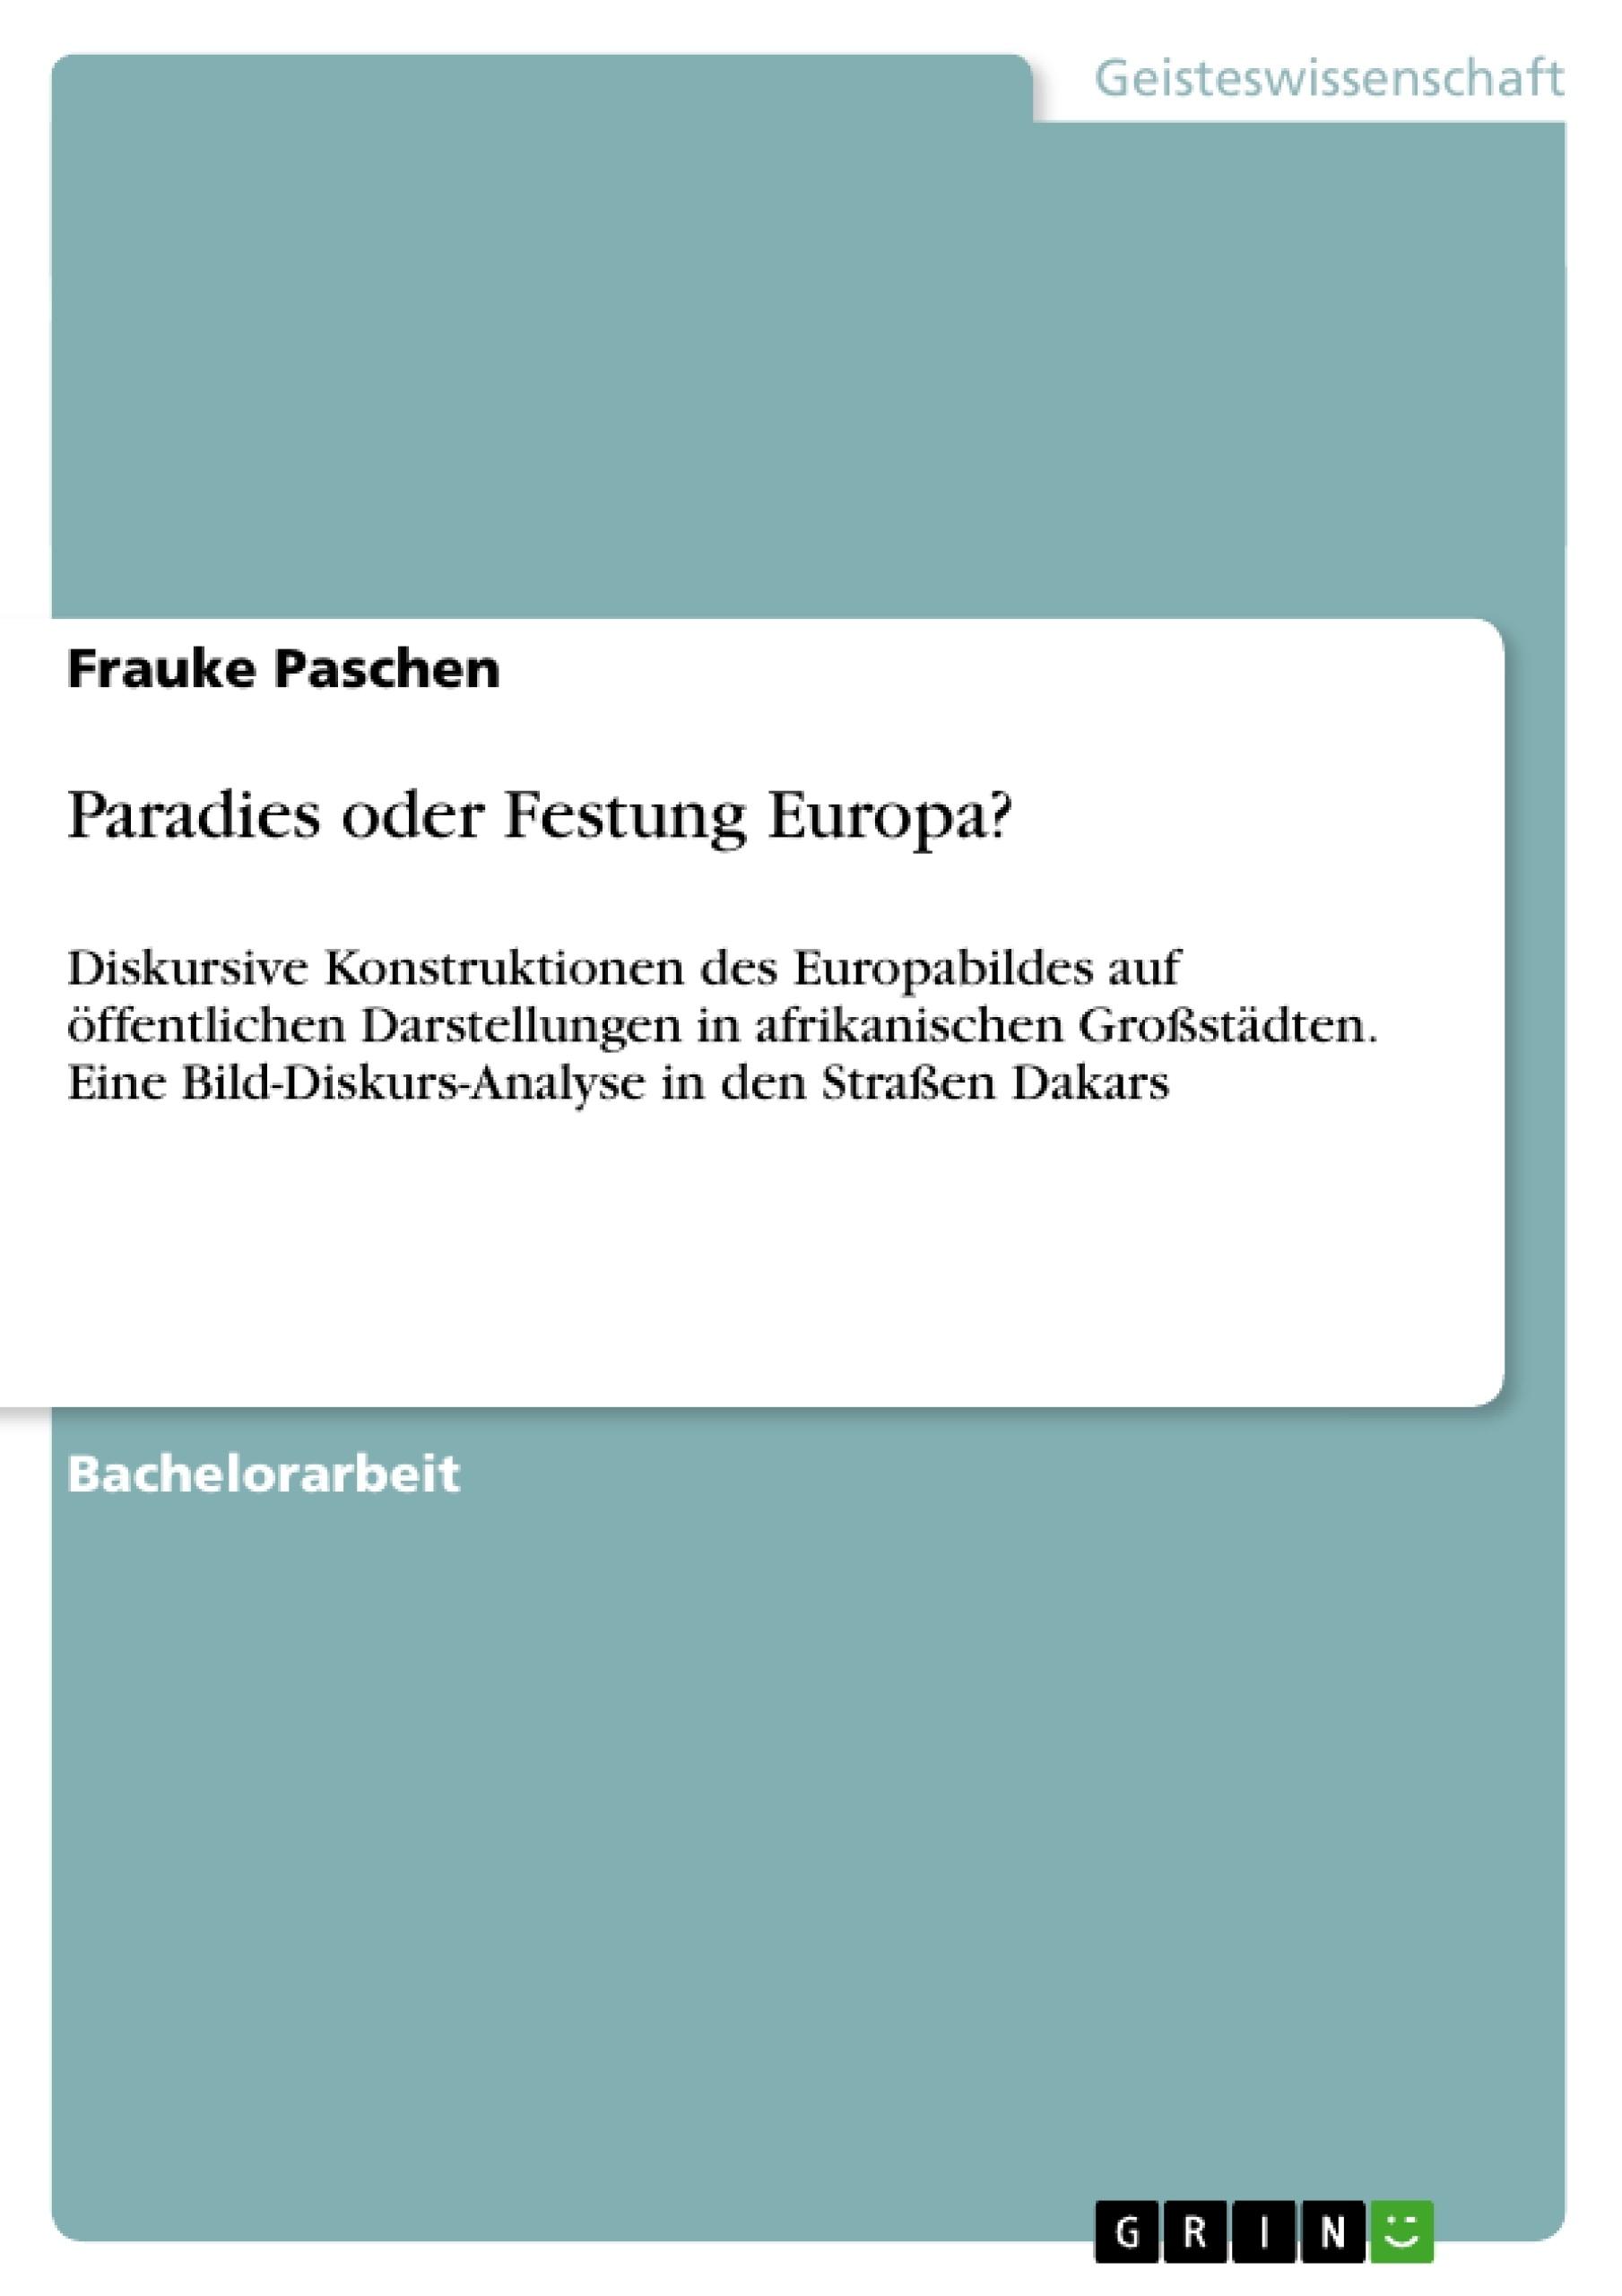 Titel: Paradies oder Festung Europa?